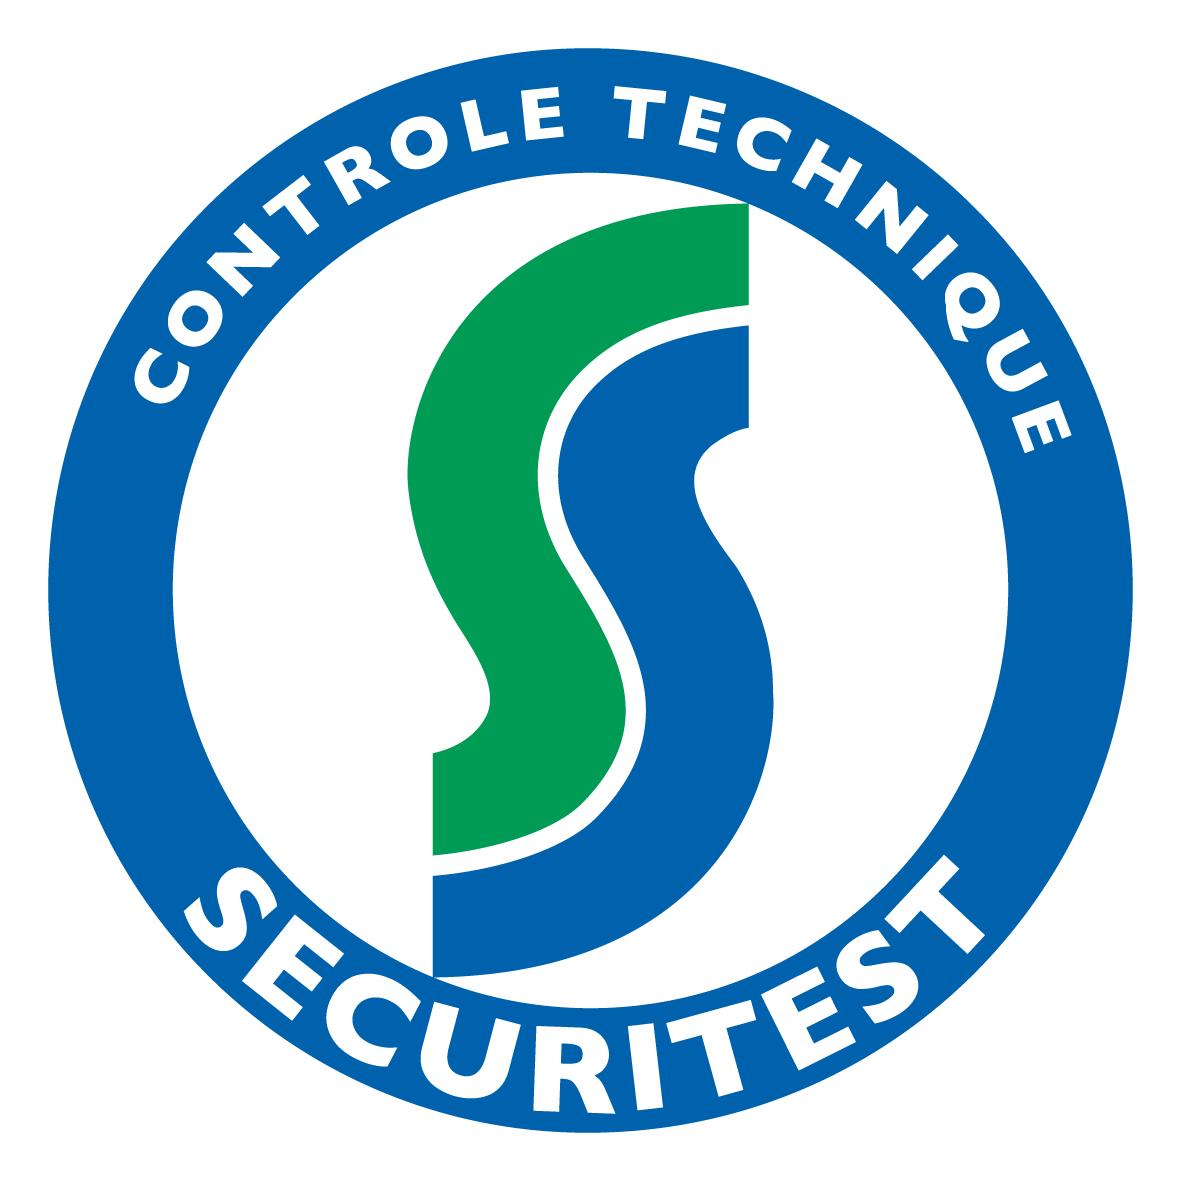 Sécuritest - Controle automobile belle islois contrôle technique auto